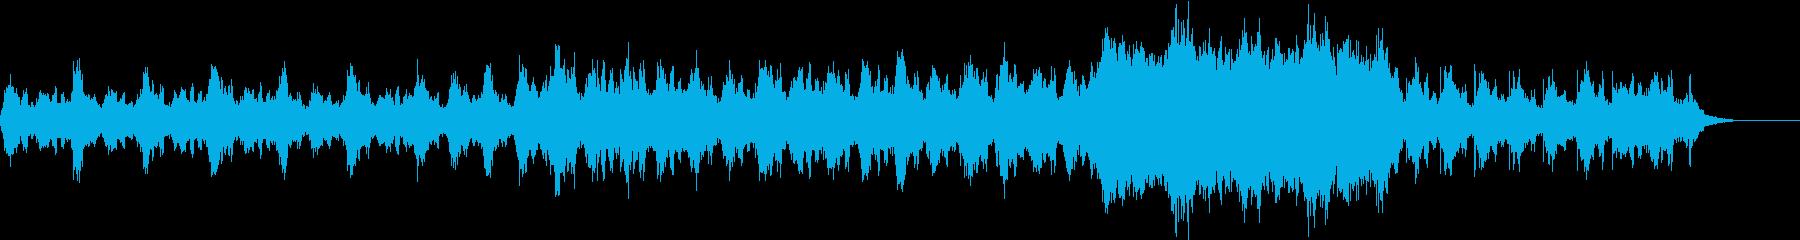 マリンバとシンセが神秘的にゆったり流れるの再生済みの波形